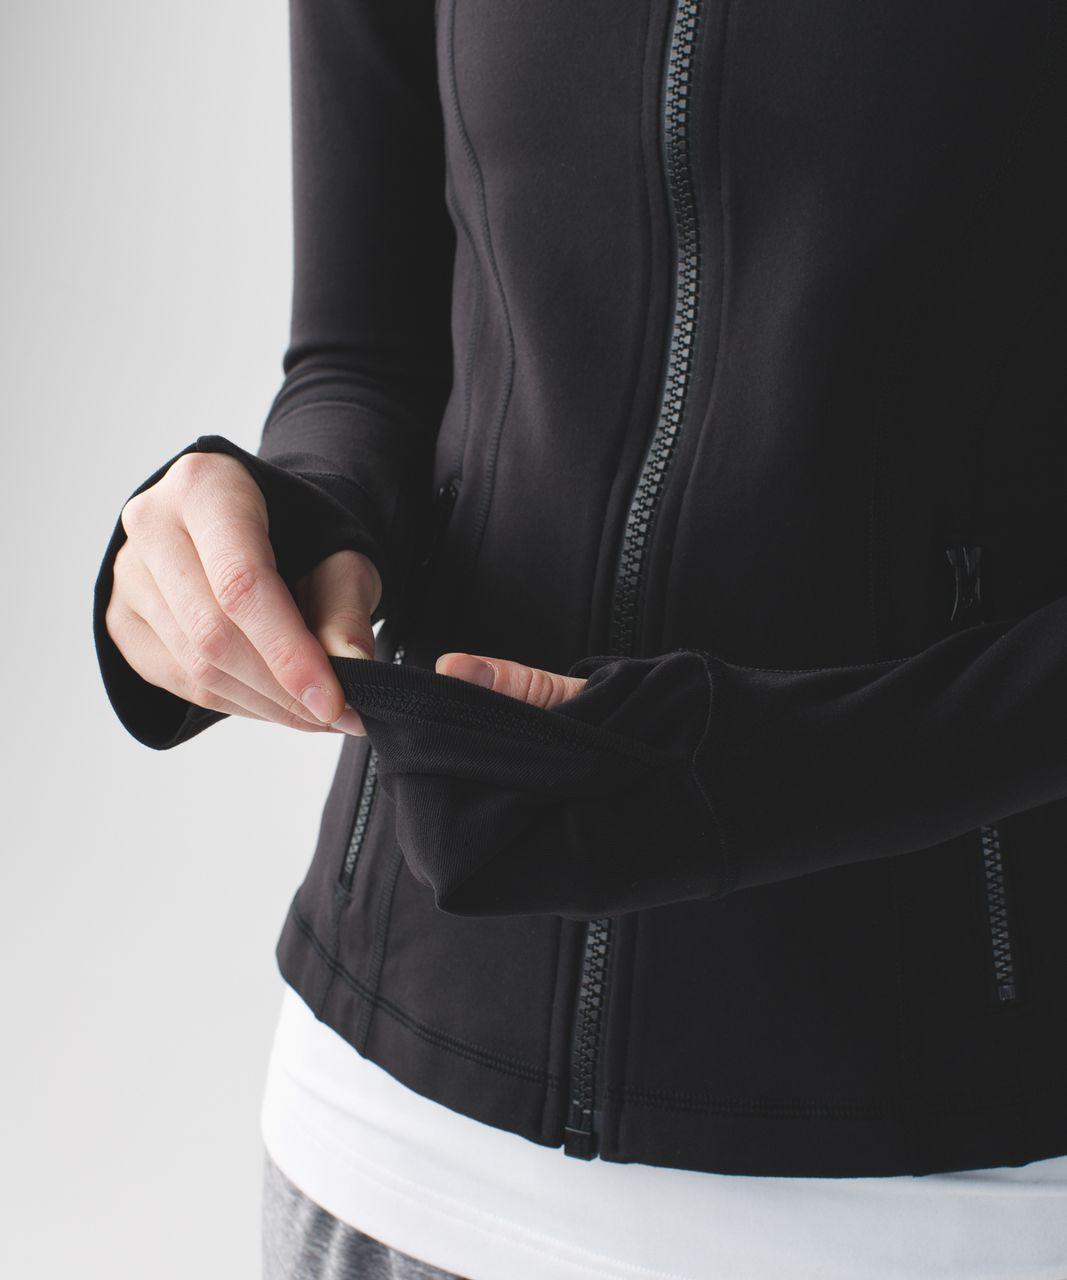 Lululemon Define Jacket - Black (Second Release)